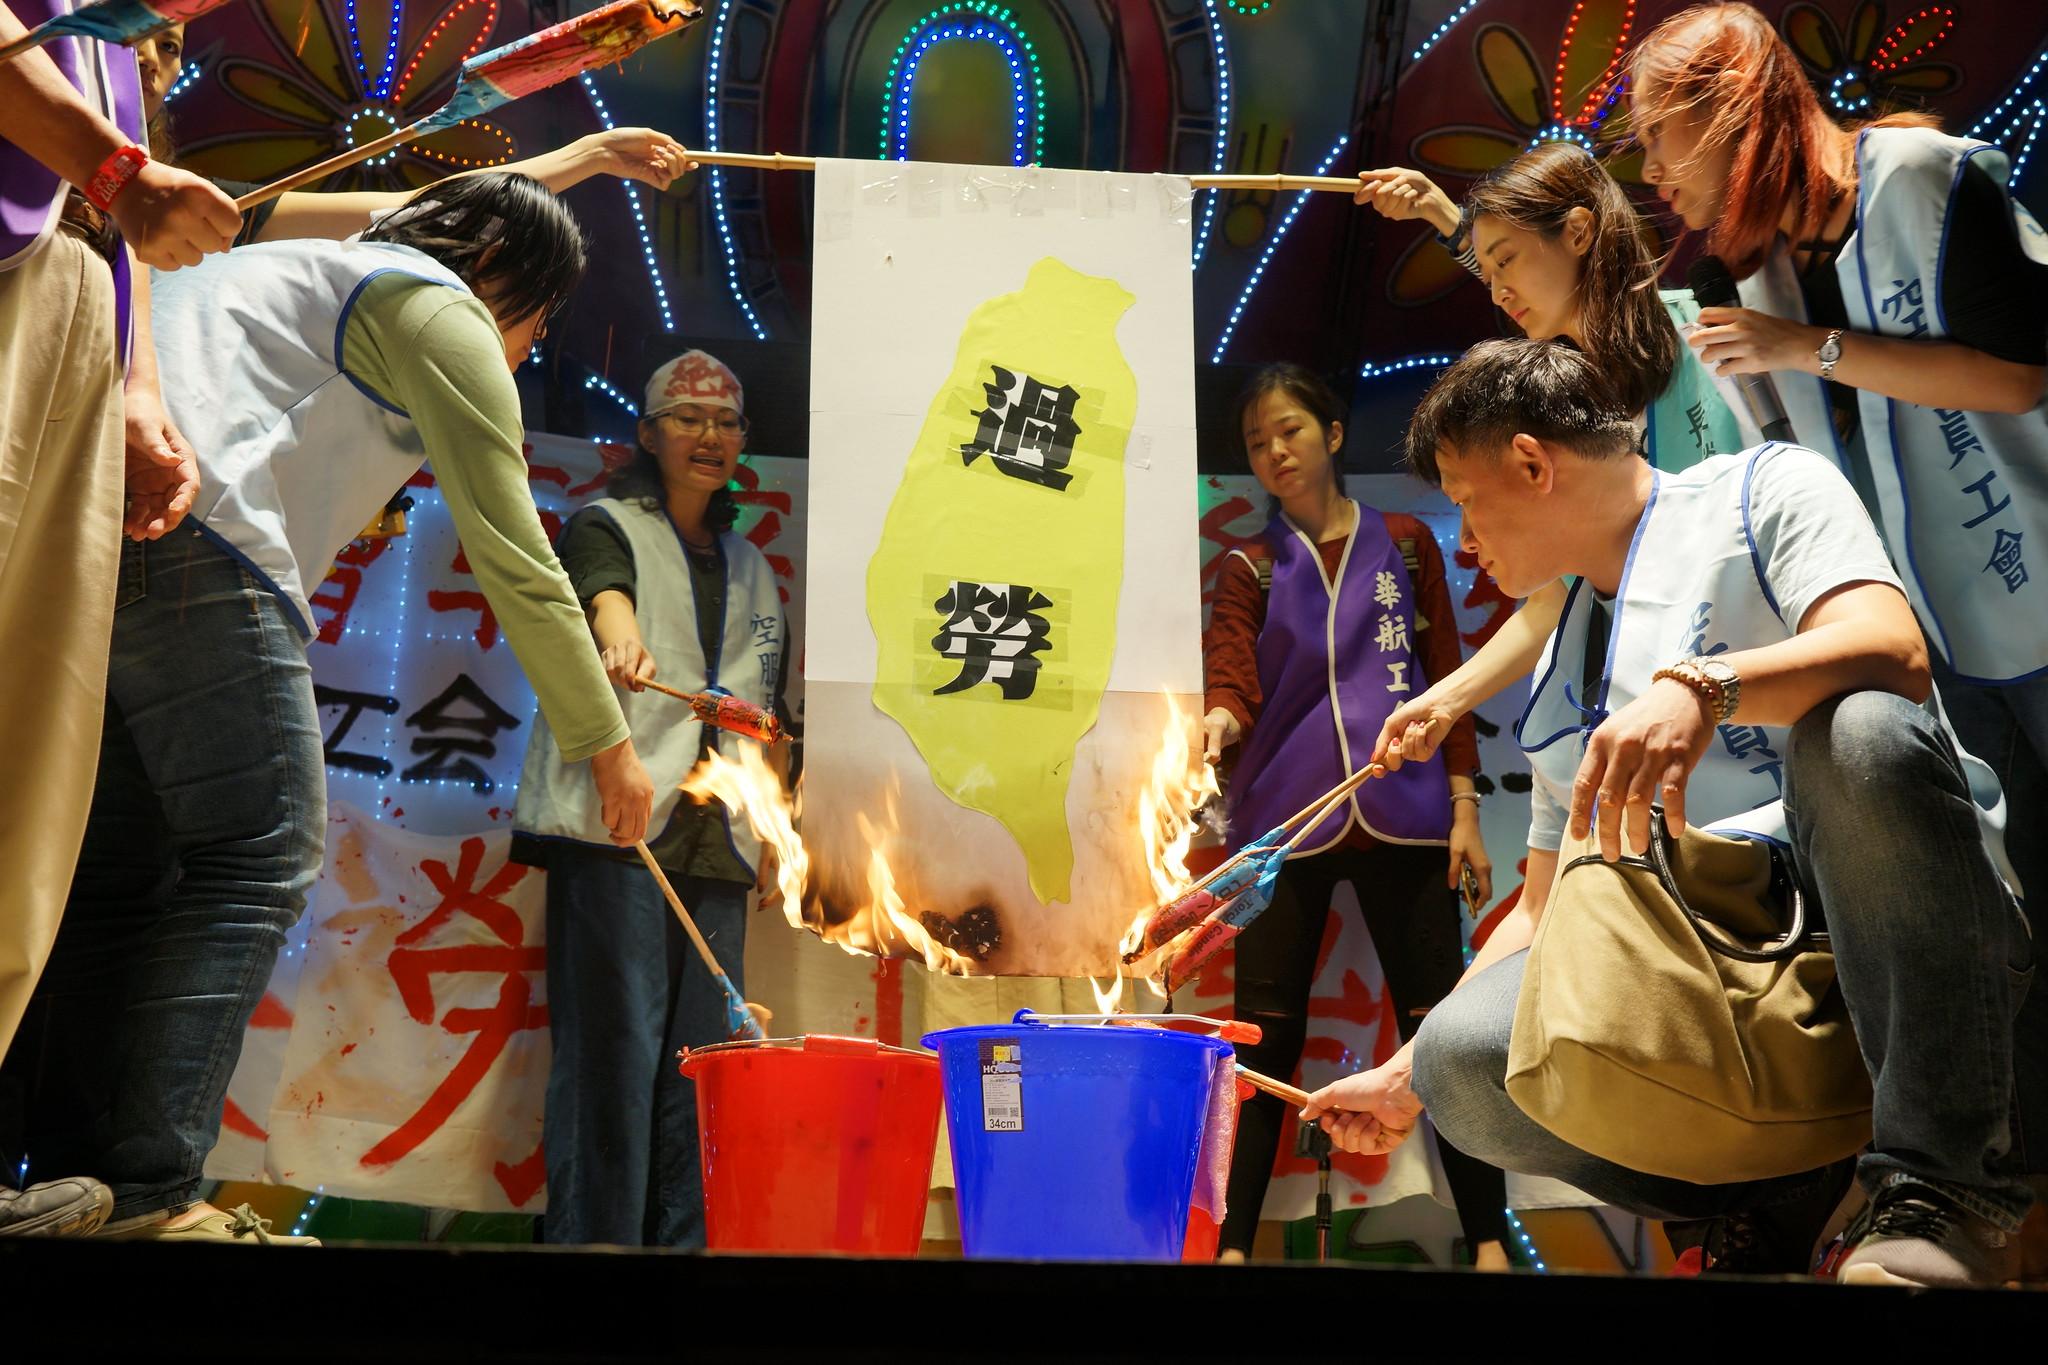 航空業晚會上,工會焚燒「過勞台灣」宣誓反對修惡《勞基法》。(攝影:王顥中)